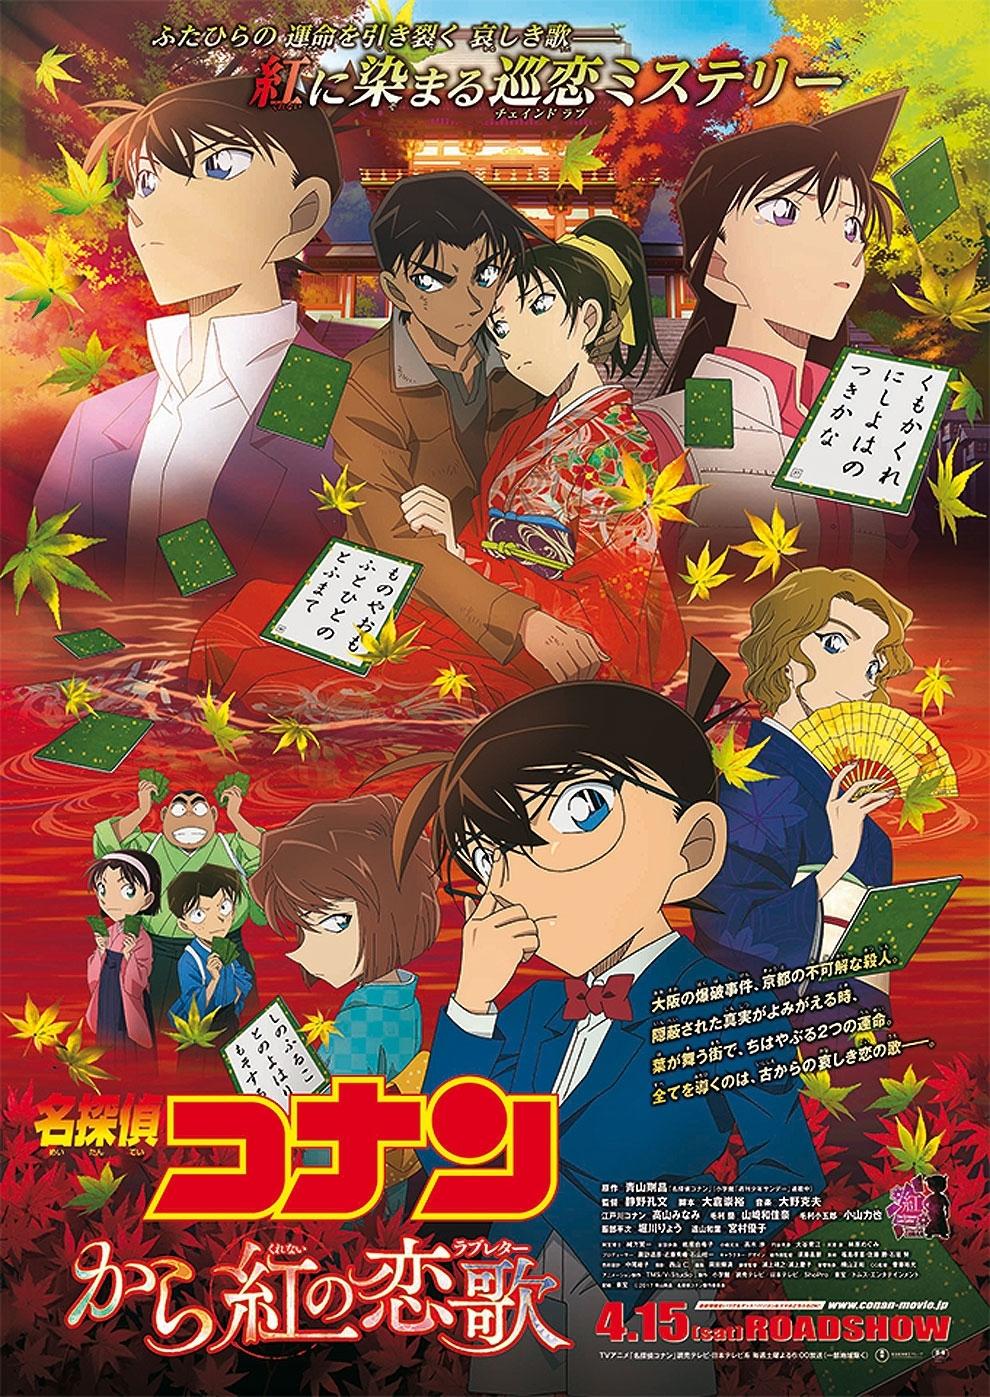 Anime Night 2018: Detektiv Conan Film 21- Der purpurrote Liebesbrief (Poster)